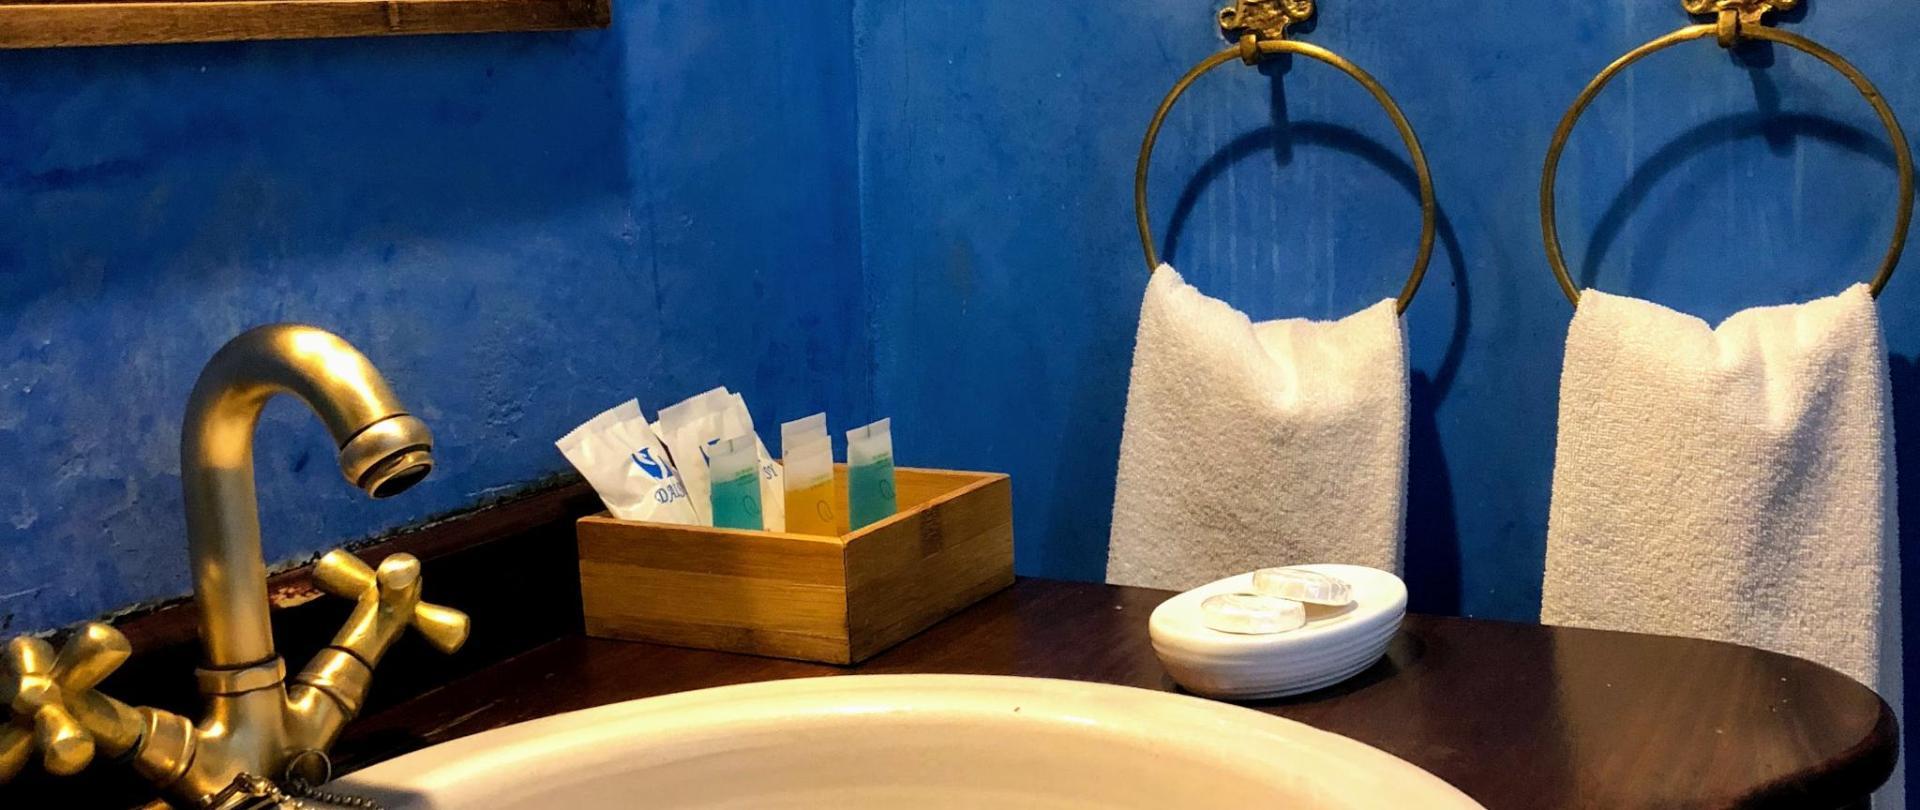 Baño azul.jpg